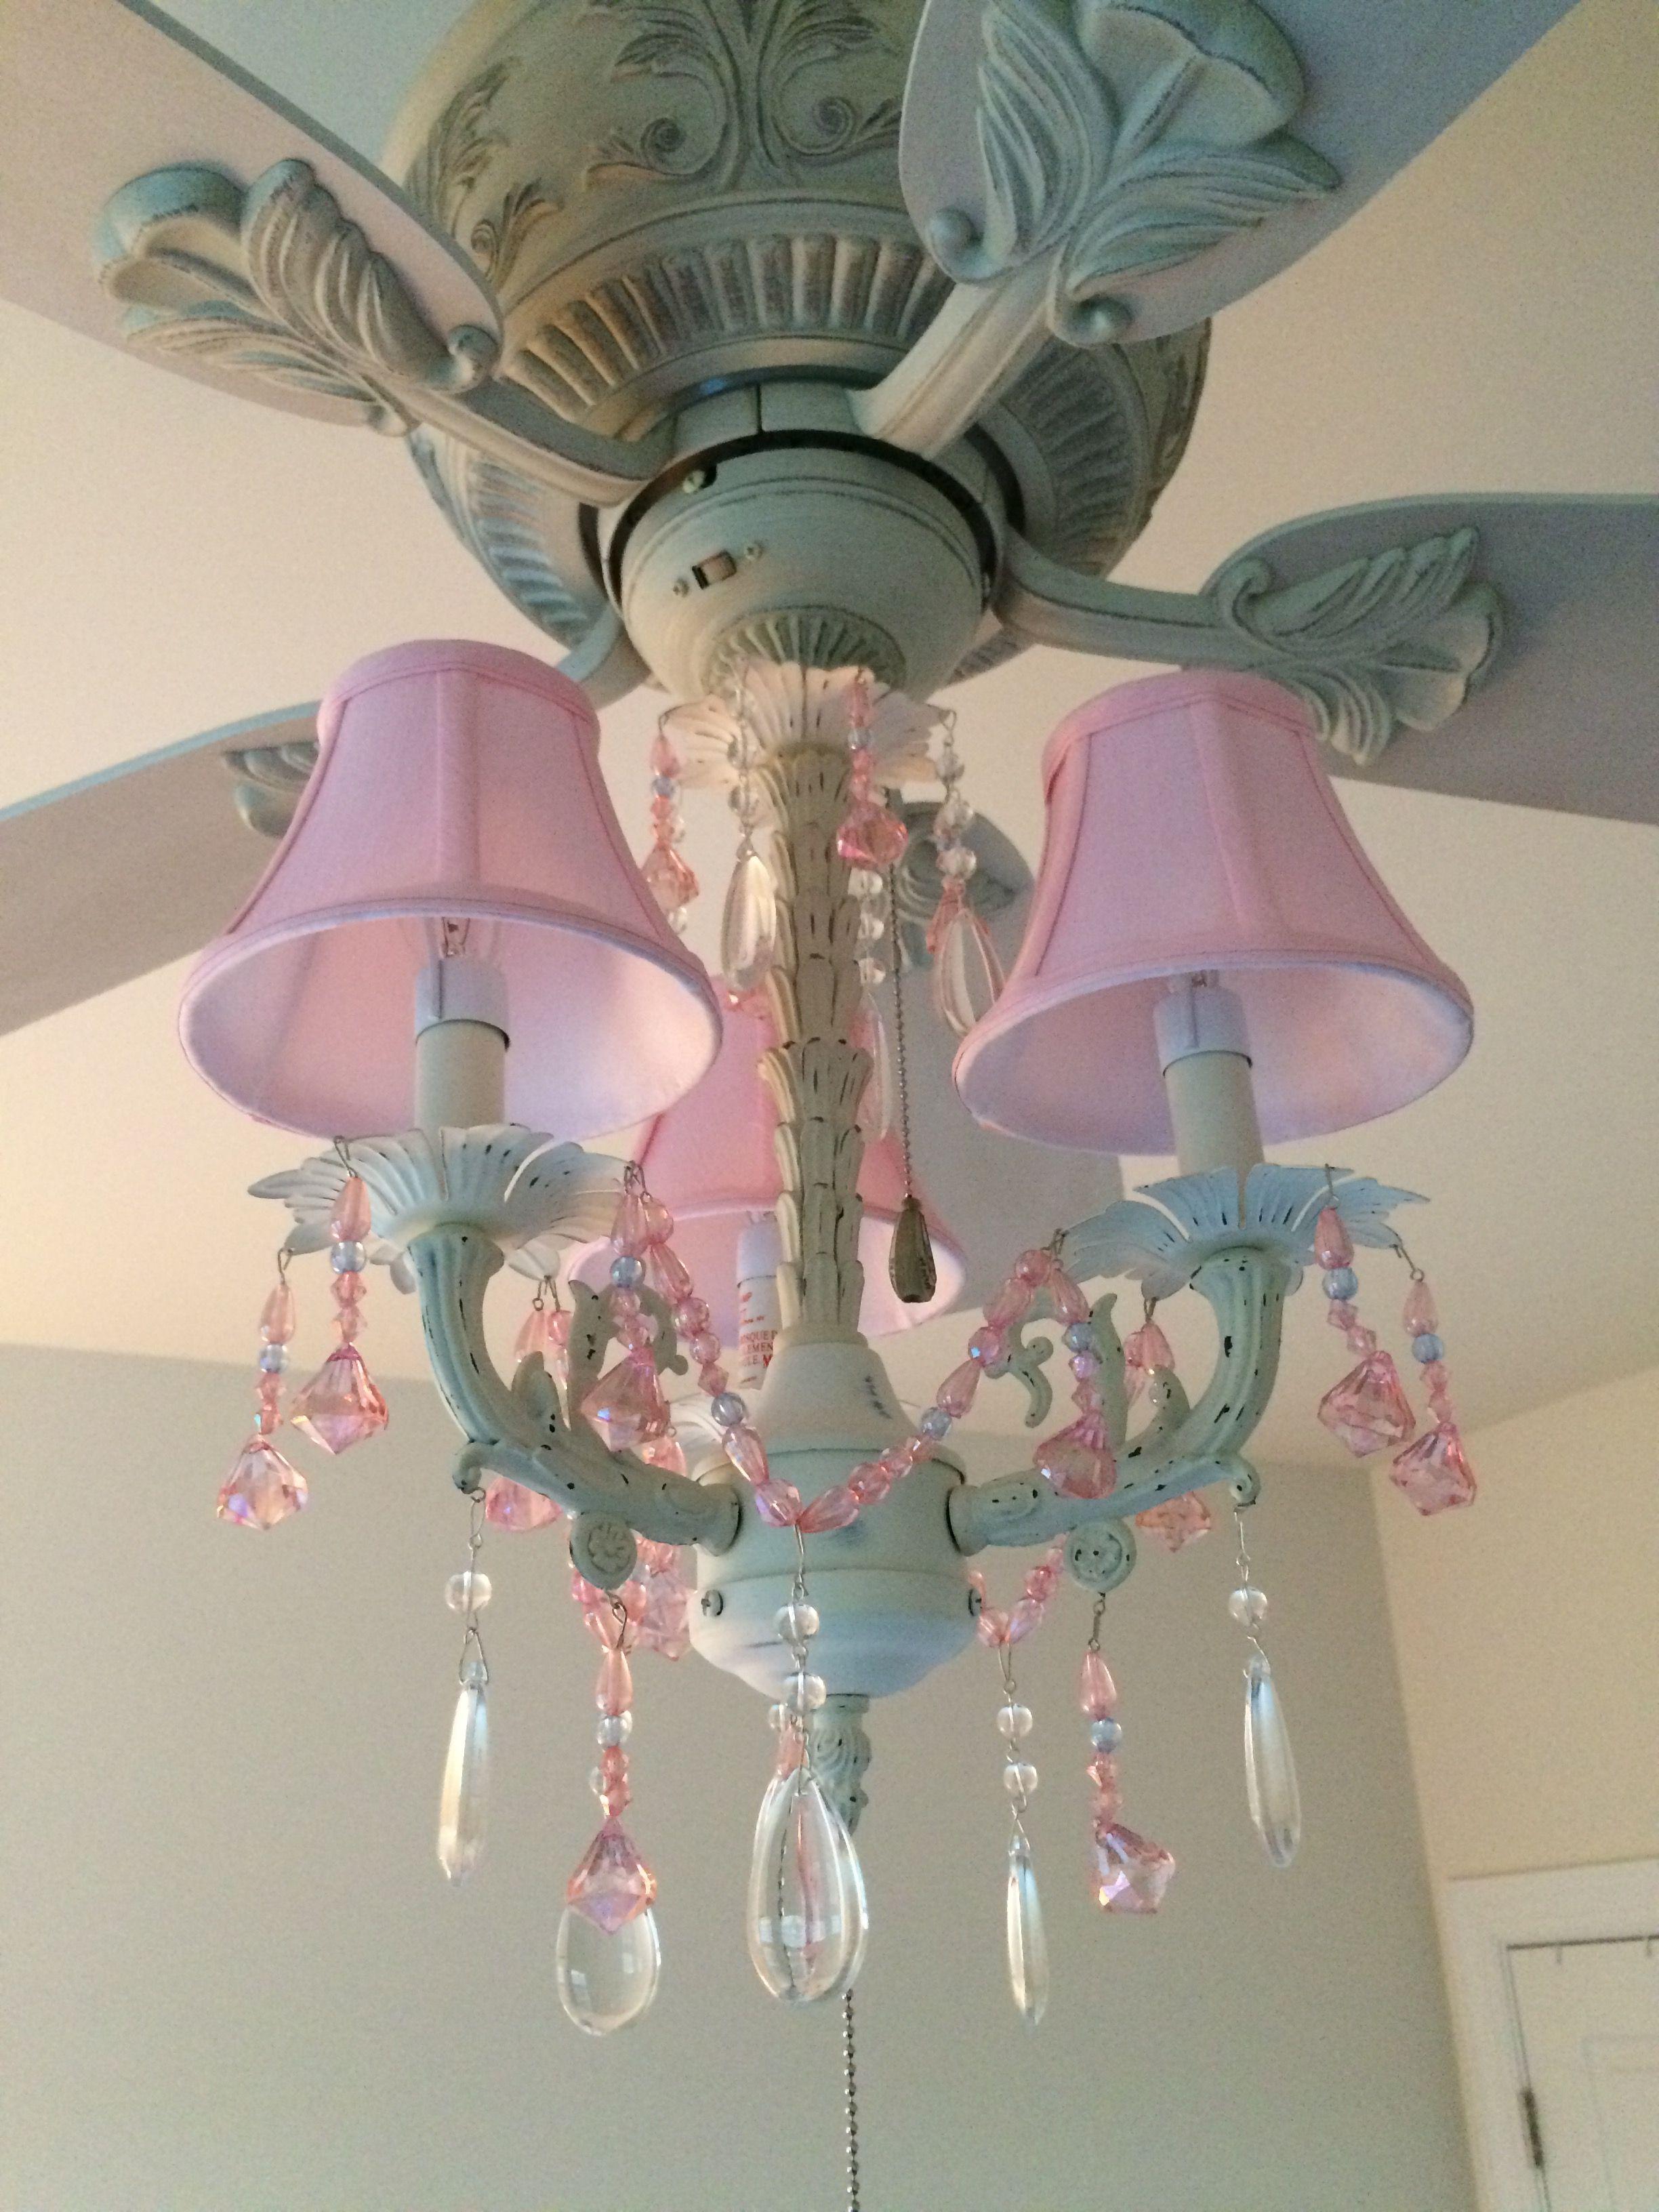 Best 25+ Pink ceiling fan ideas on Pinterest   Ceiling fan ...